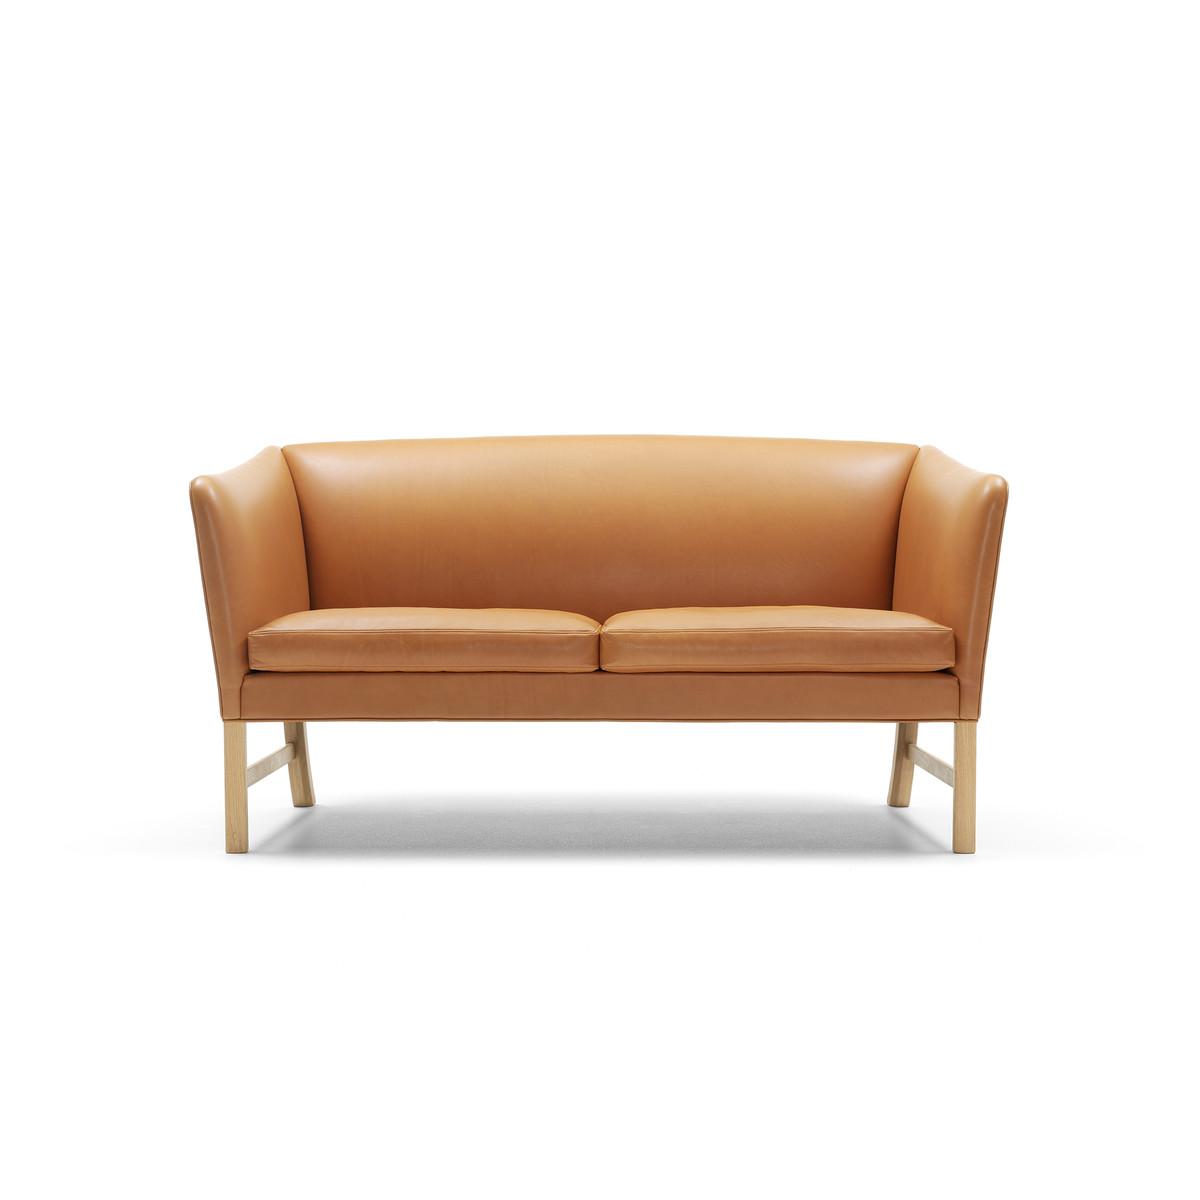 Full Size of 2 Sitzer Sofa Ow602 Von Carl Hansen Im Shop Husse De Sede W Schillig Bett 200x200 Mit Bettkasten Betten Holzfüßen Eiche Massiv 180x200 3 1 Heimkino 90x200 Sofa 2 Sitzer Sofa